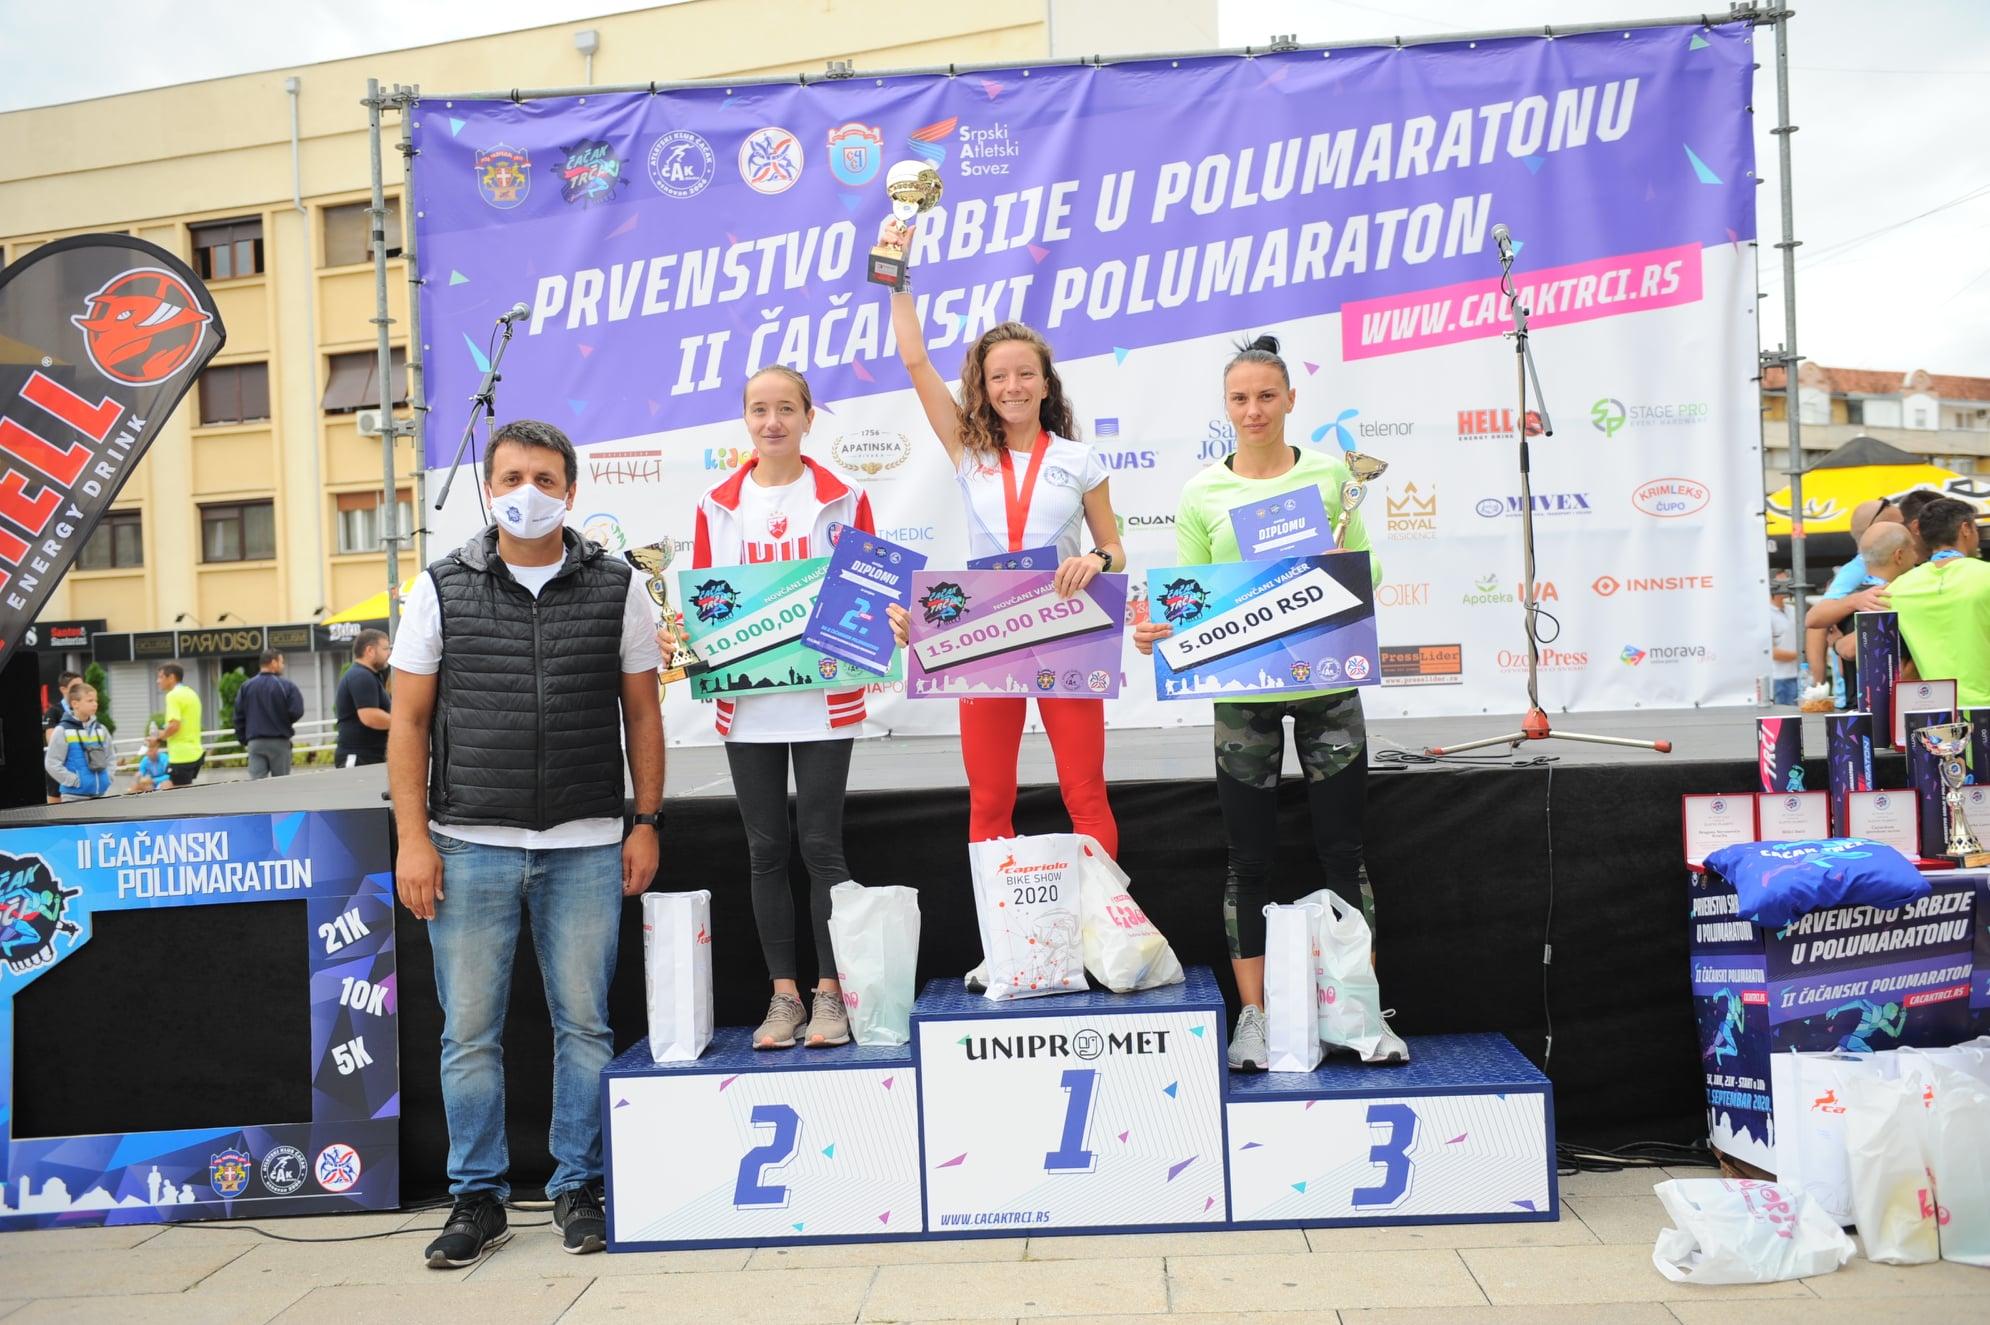 Prvenstvo Srbije u polumaratonu, Čačanski polumaraton, pobednice